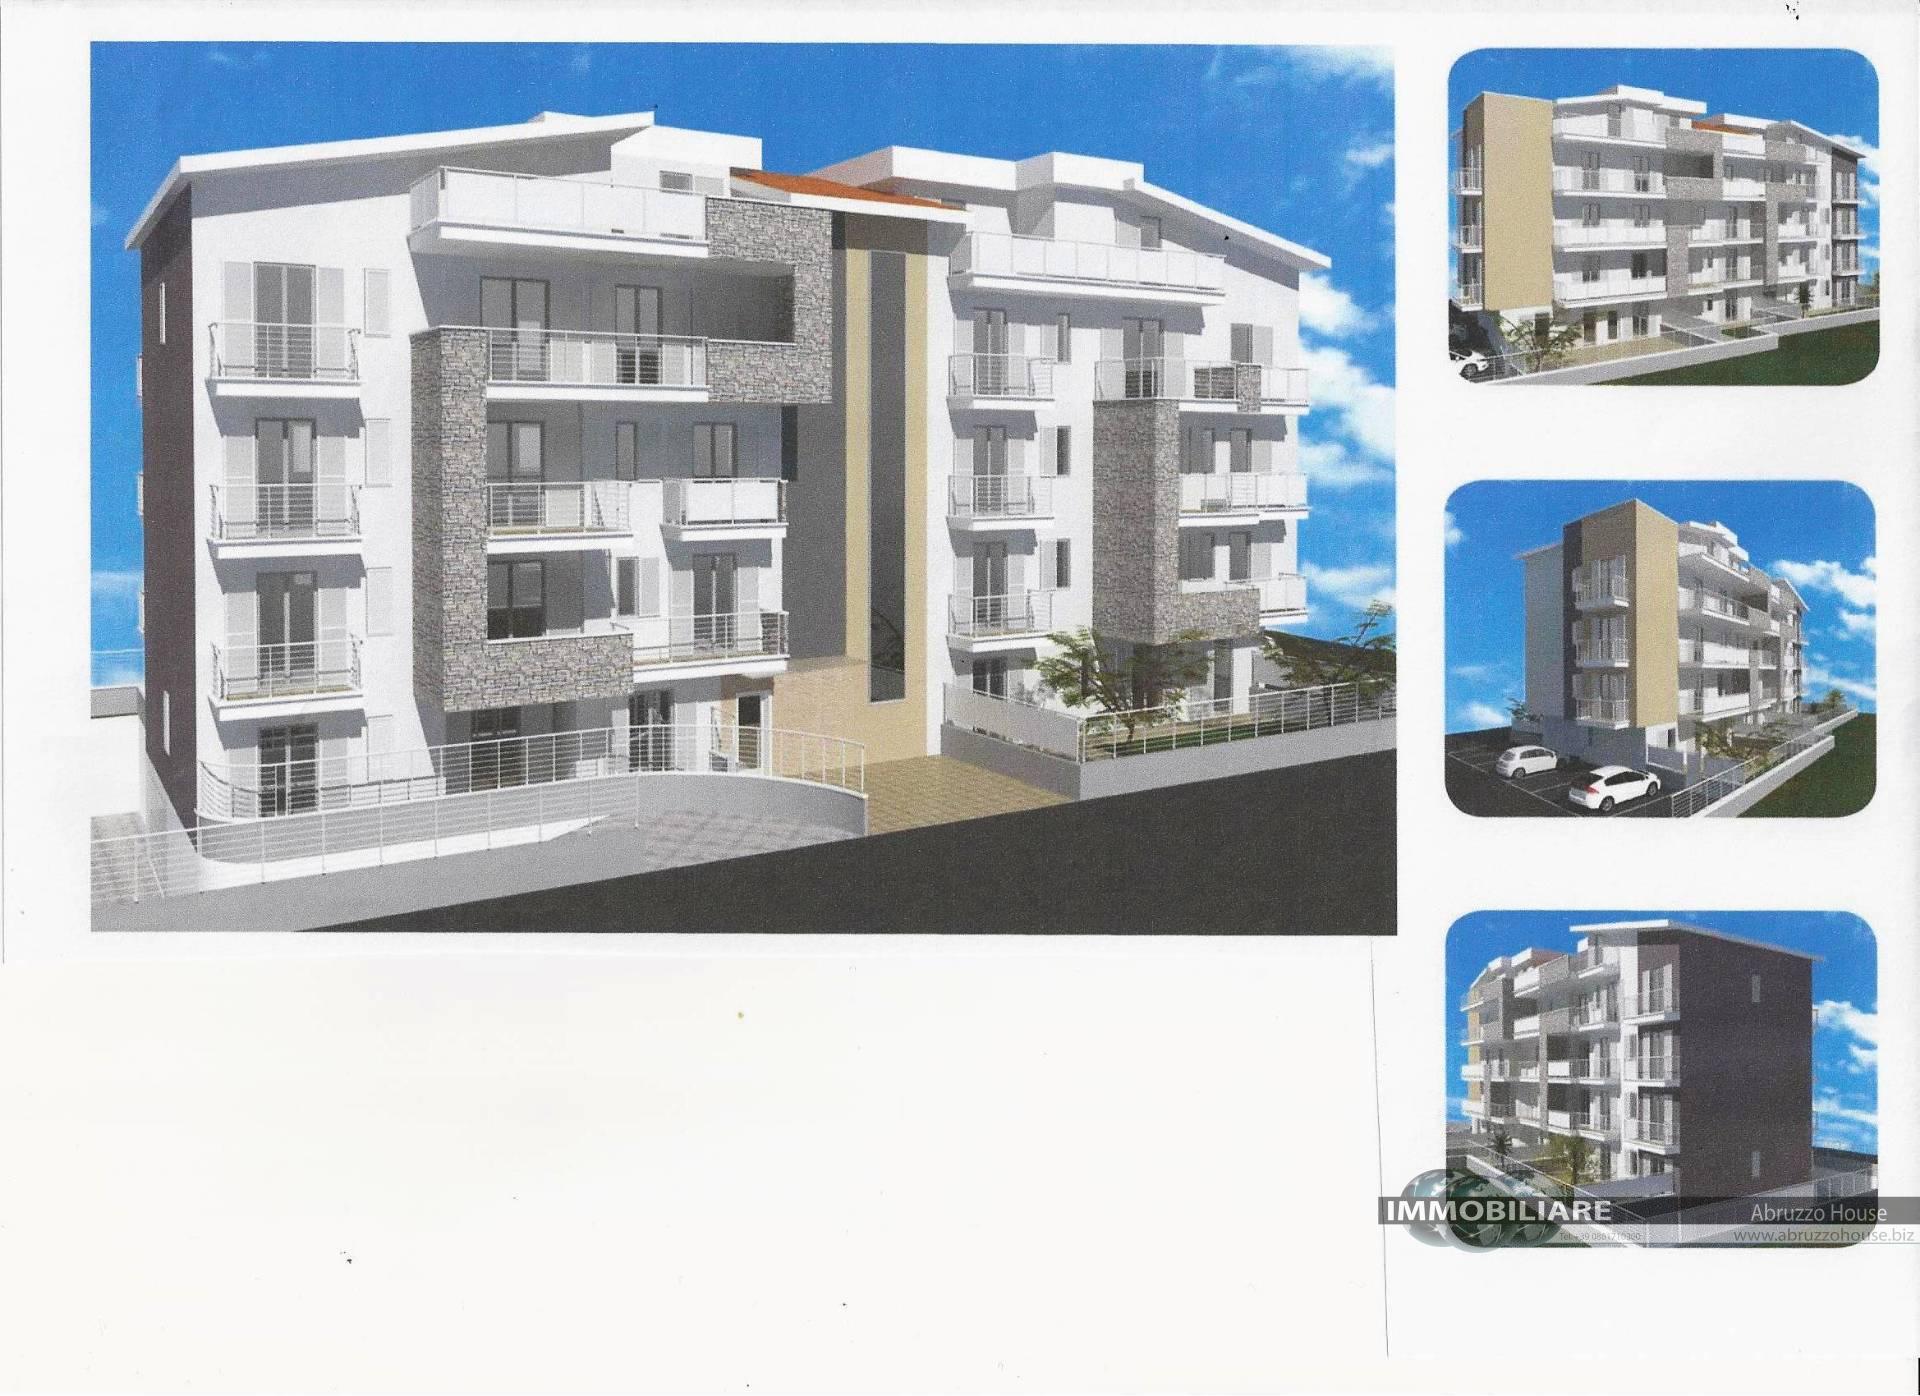 Appartamento in vendita a Alba Adriatica, 2 locali, zona Località: ZonaMare, prezzo € 88.000   CambioCasa.it